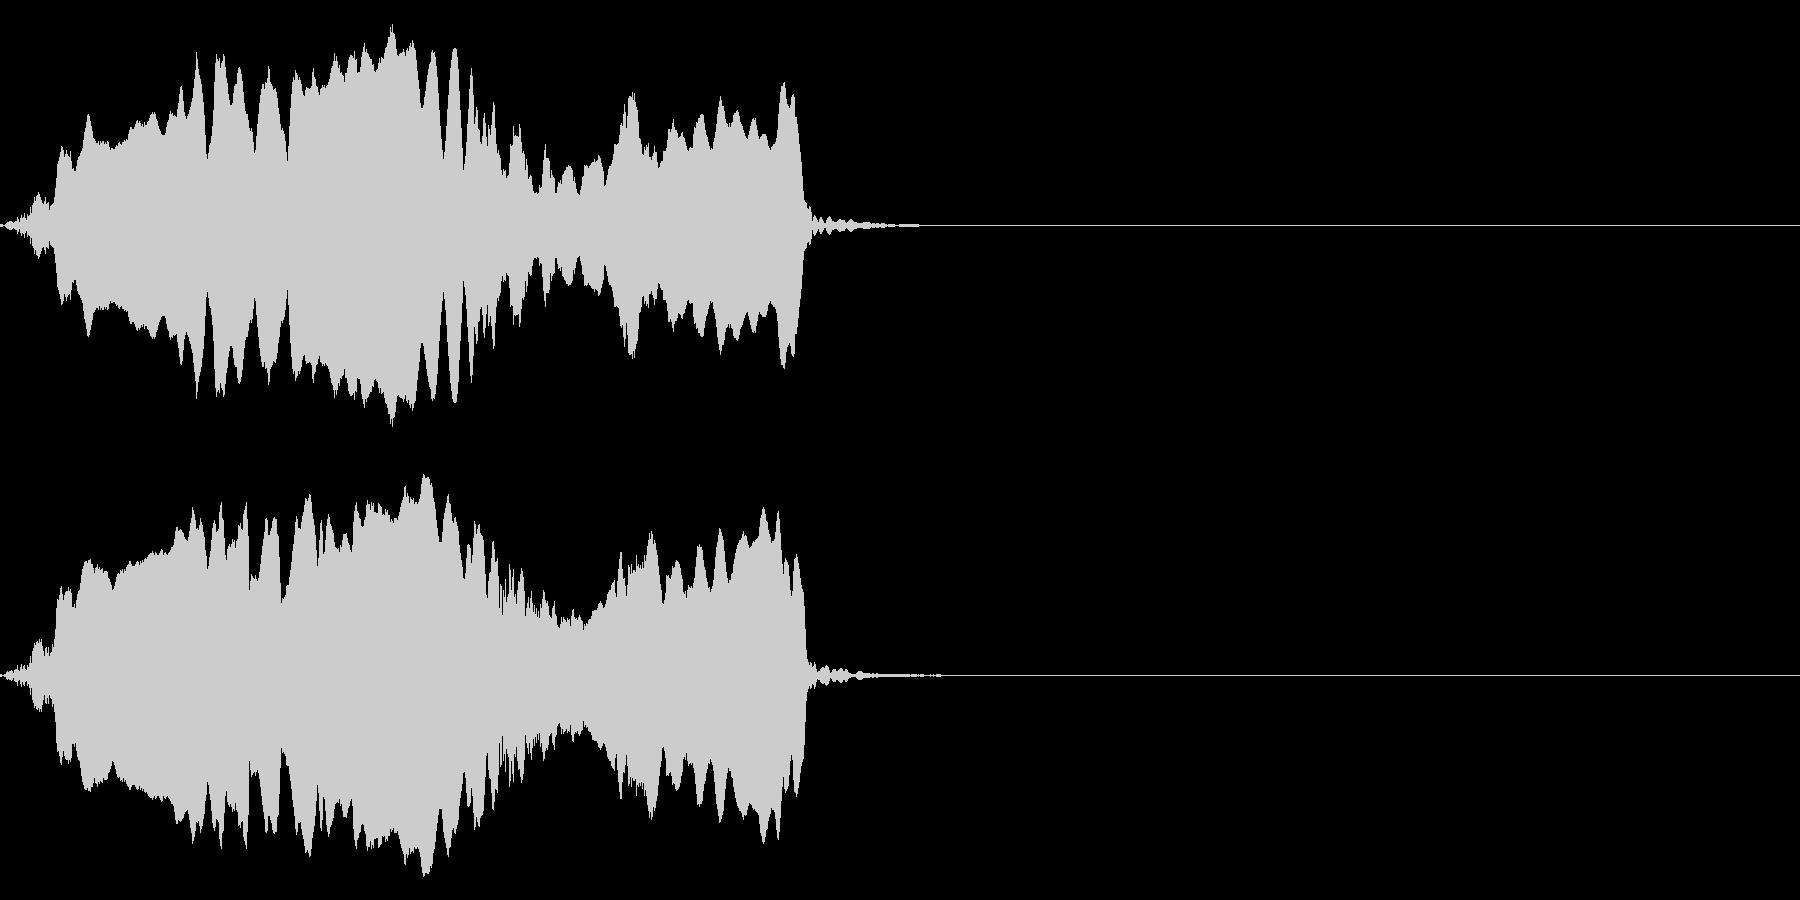 オカメインコの、悲しそうな声の未再生の波形